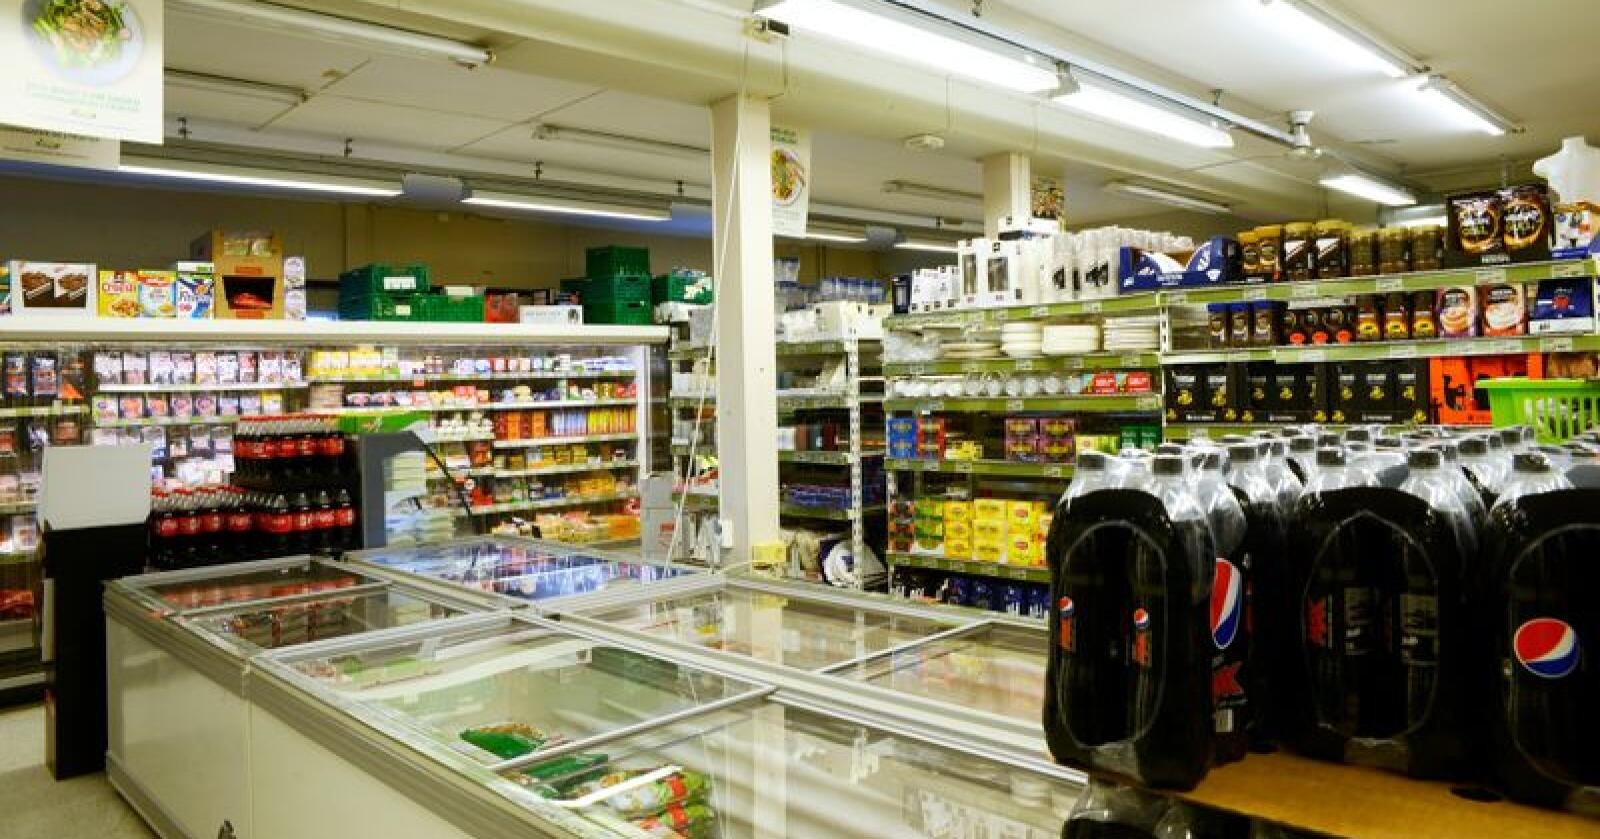 Kartleggingen dokumenterer at en rekke leverandører gir dagligvarekjedene Rema 1000, Coop og Norgesgruppen ulike innkjøpsbetingelser. Foto: Mariann Tvete